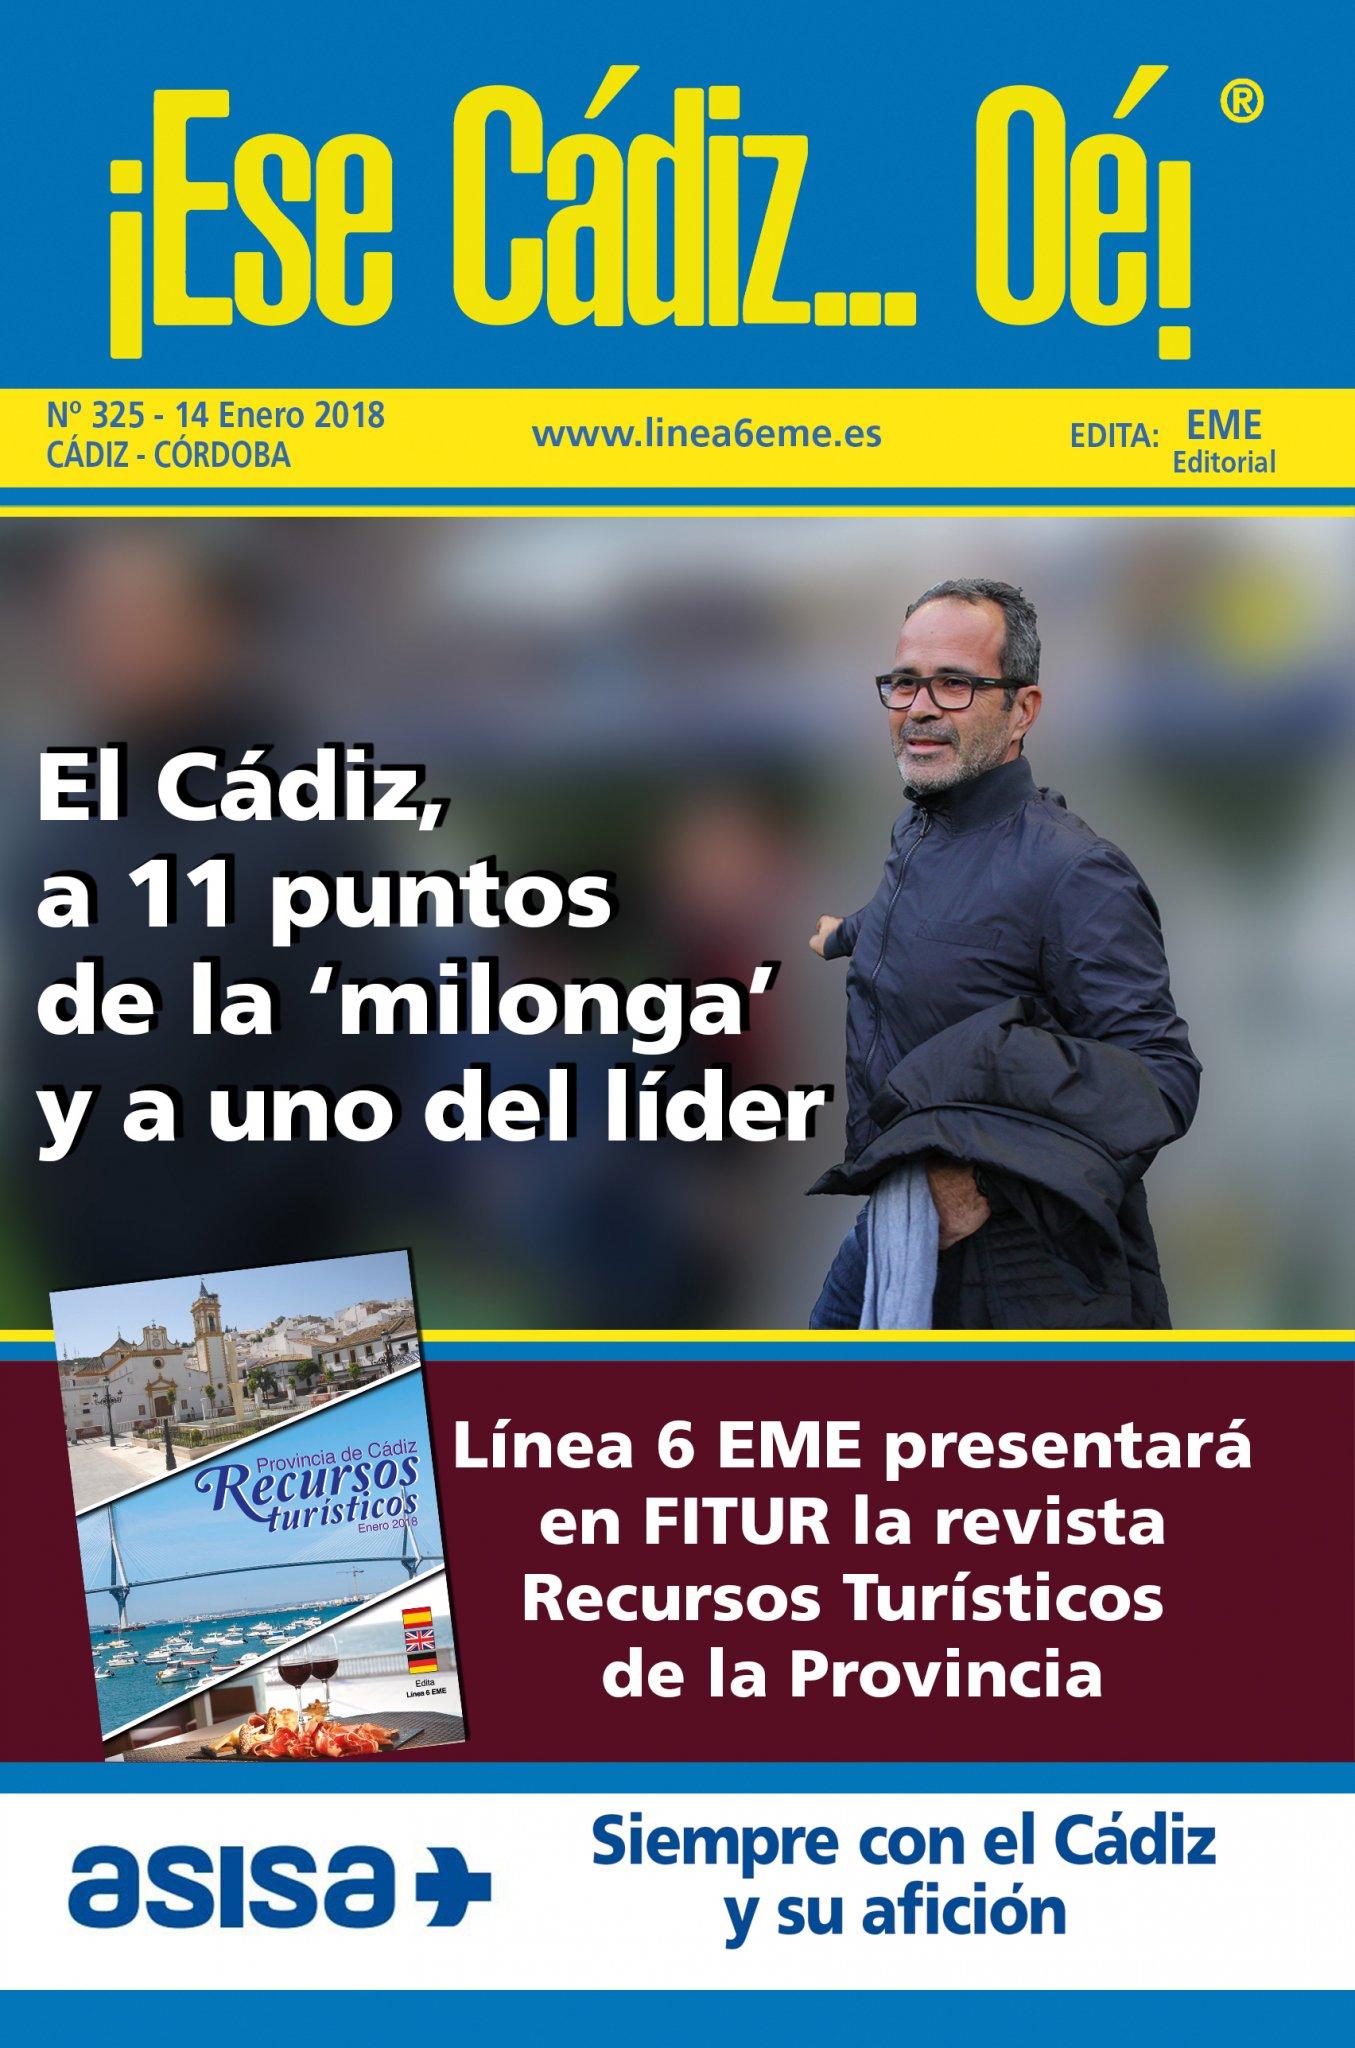 ¡Ese Cádiz…Oé! núm. 325 Temporada 2017/18